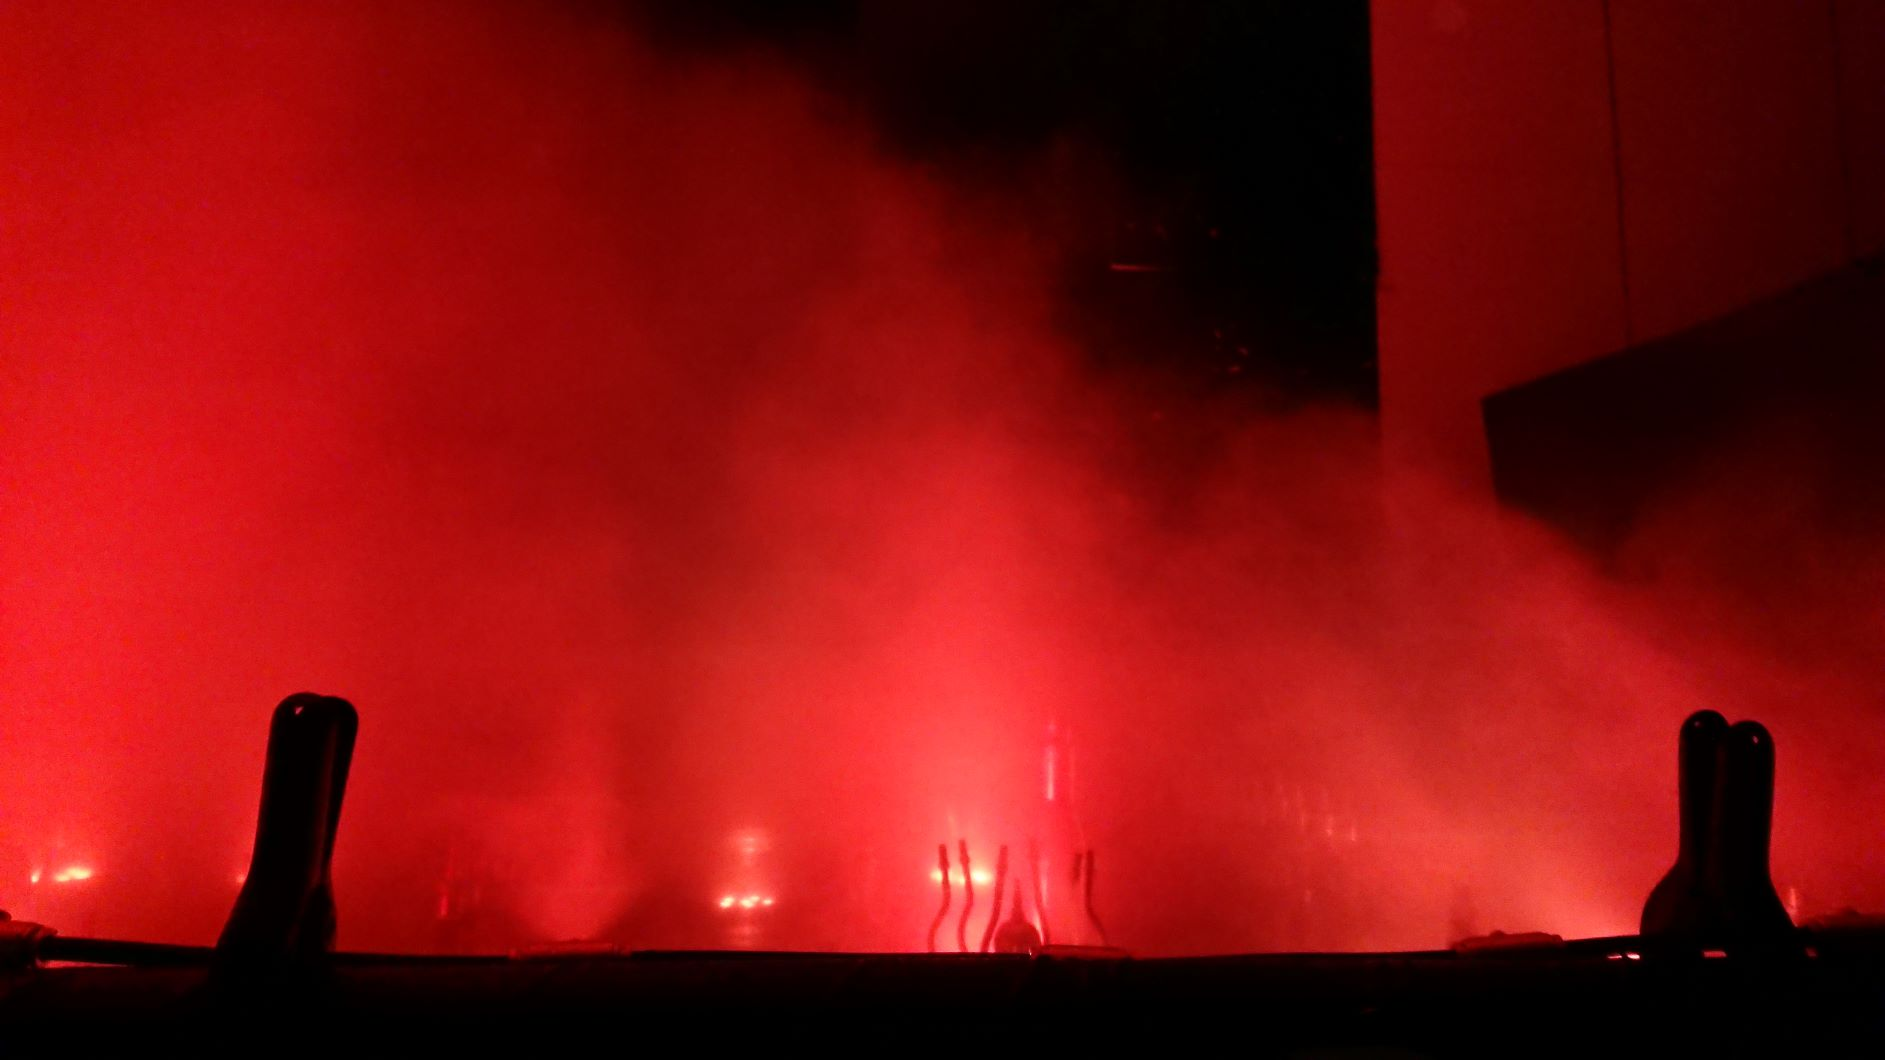 【実験】 噴水で表現する炎